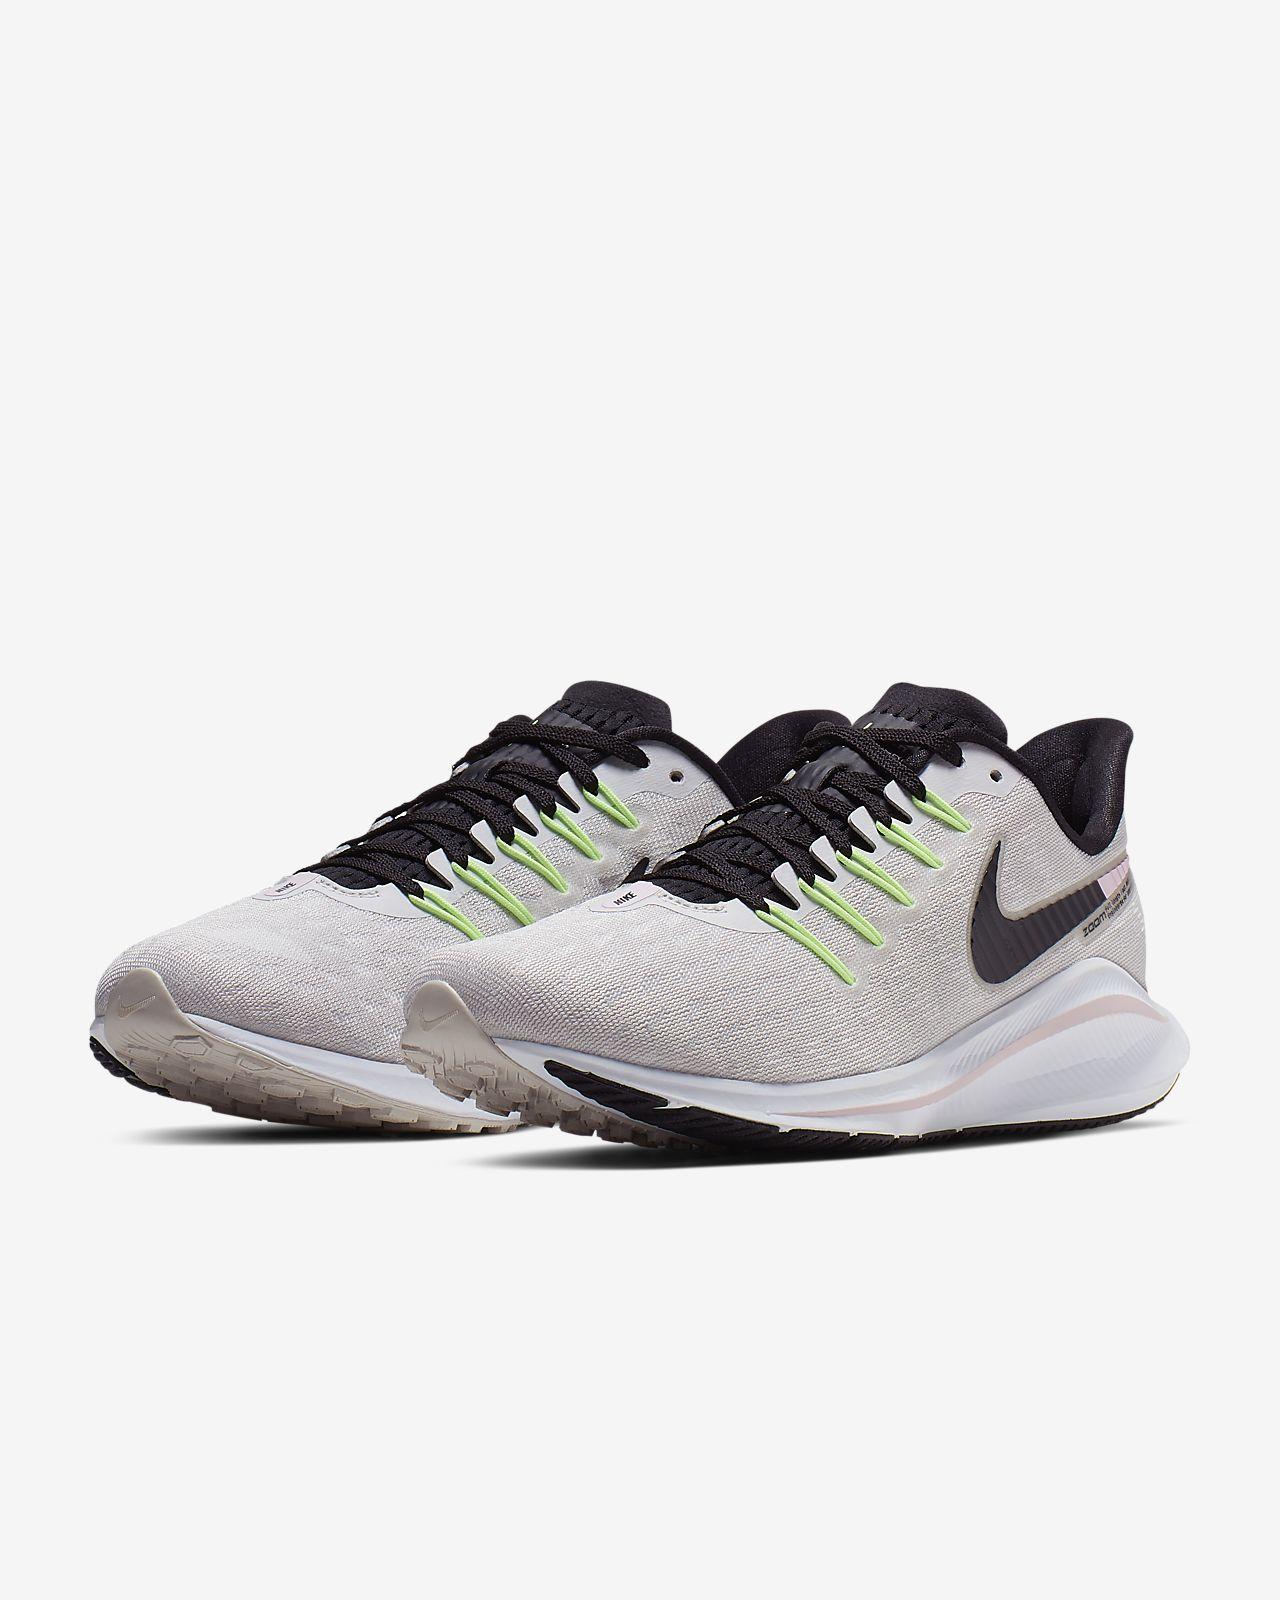 5a52bb704c93 Nike Air Zoom Vomero 14 Women s Running Shoe. Nike.com LU